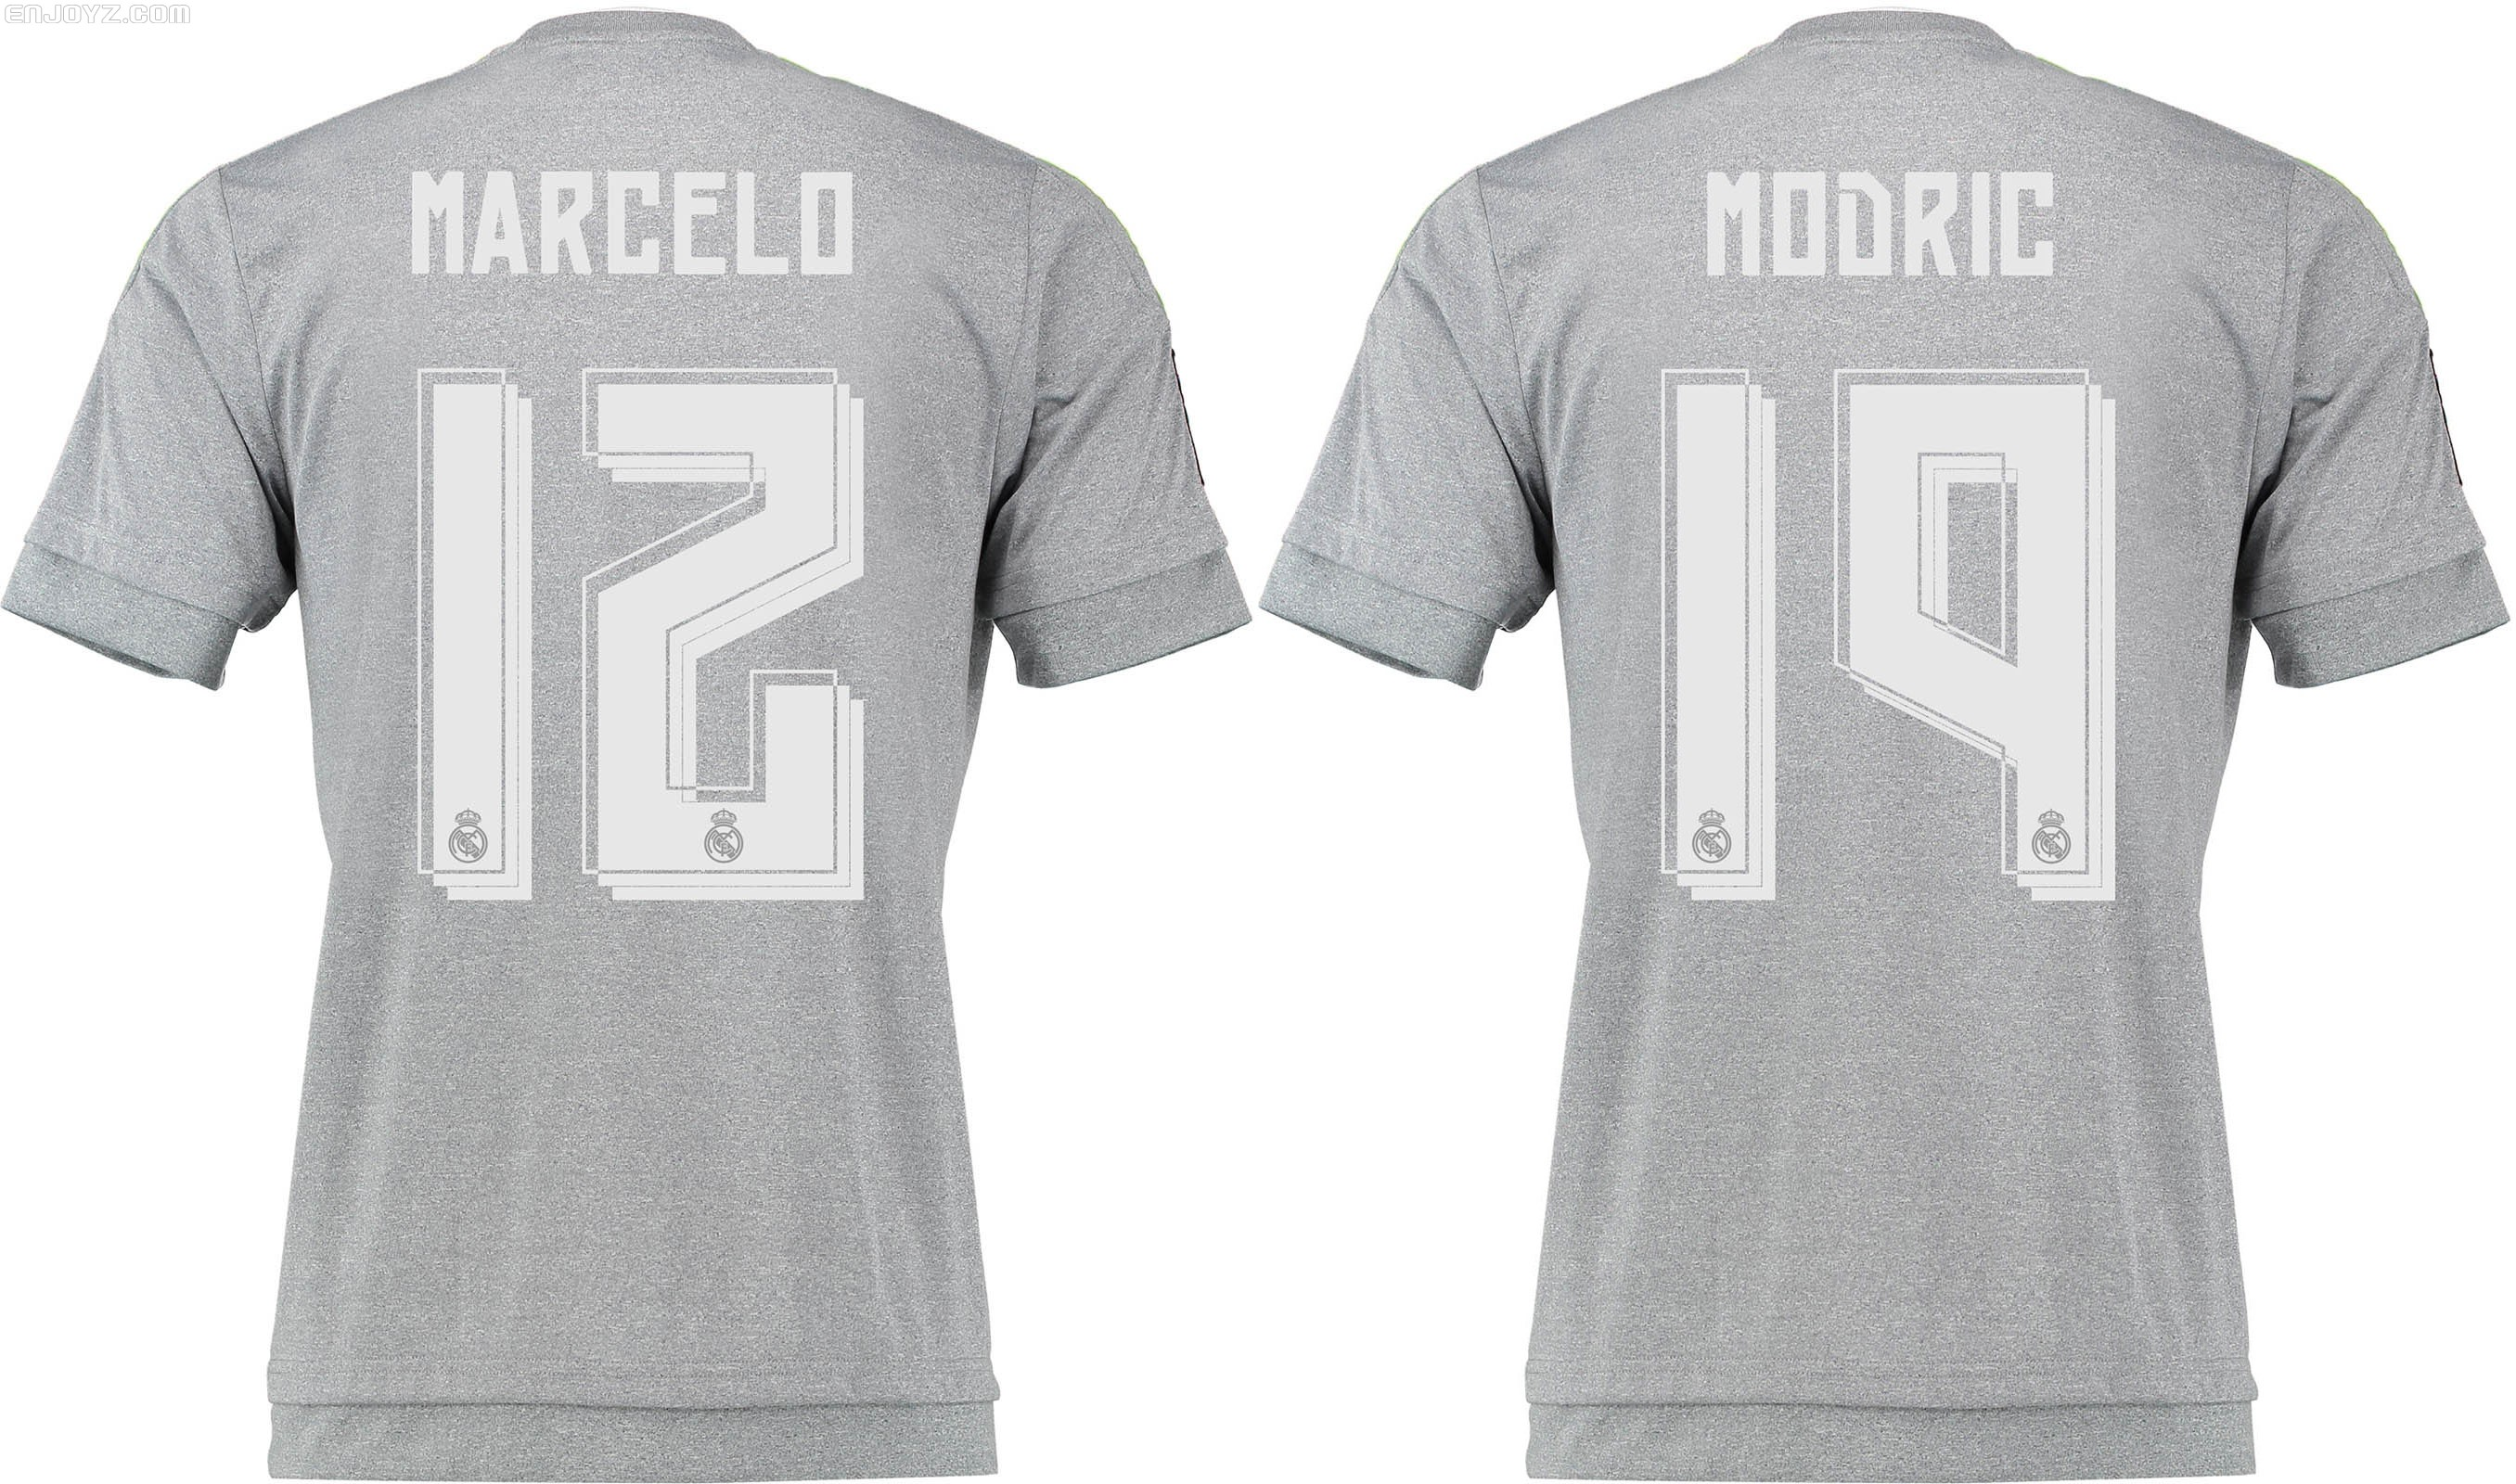 球衣号码及球员名所用的字体设计也是同时被正式发布